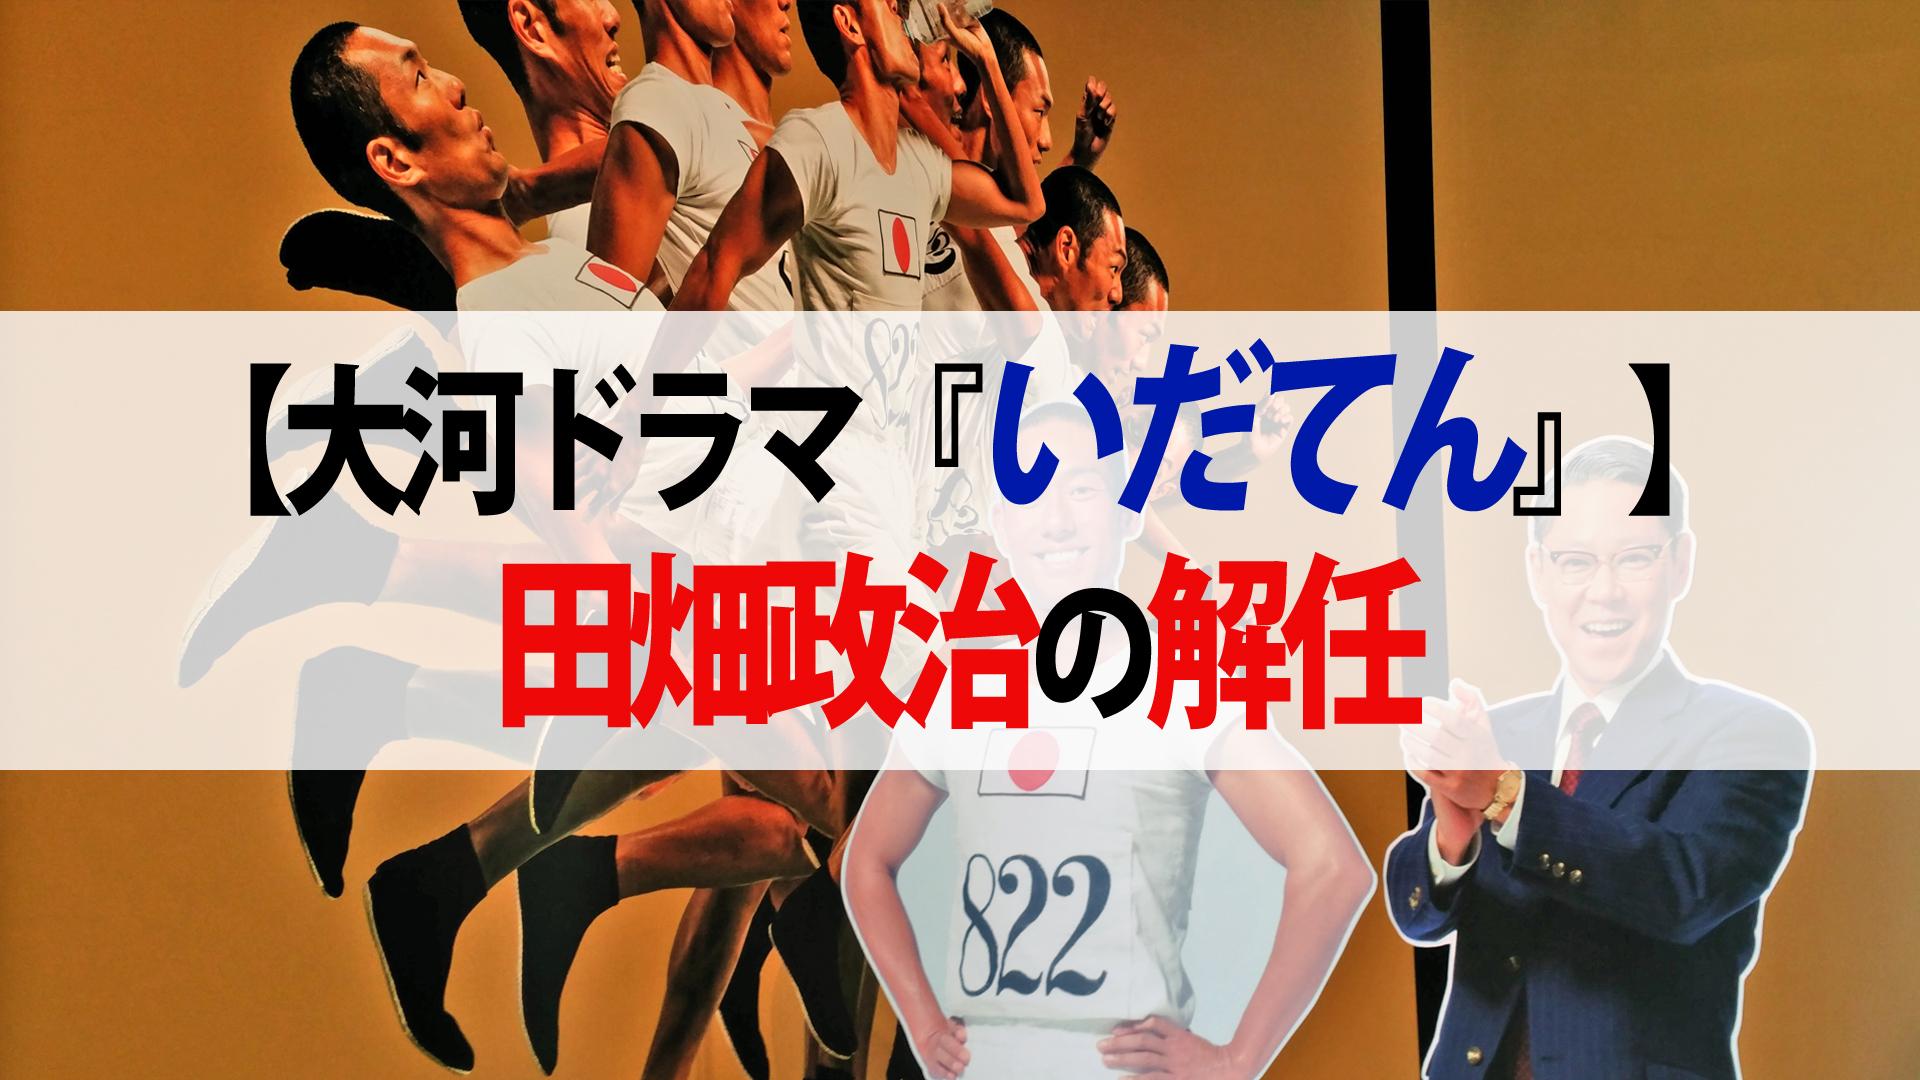 【いだてん『ぼくたちの失敗』】『田畑政治の解任』『メディアのバッシング』『三波春夫』第44回への反響まとめ